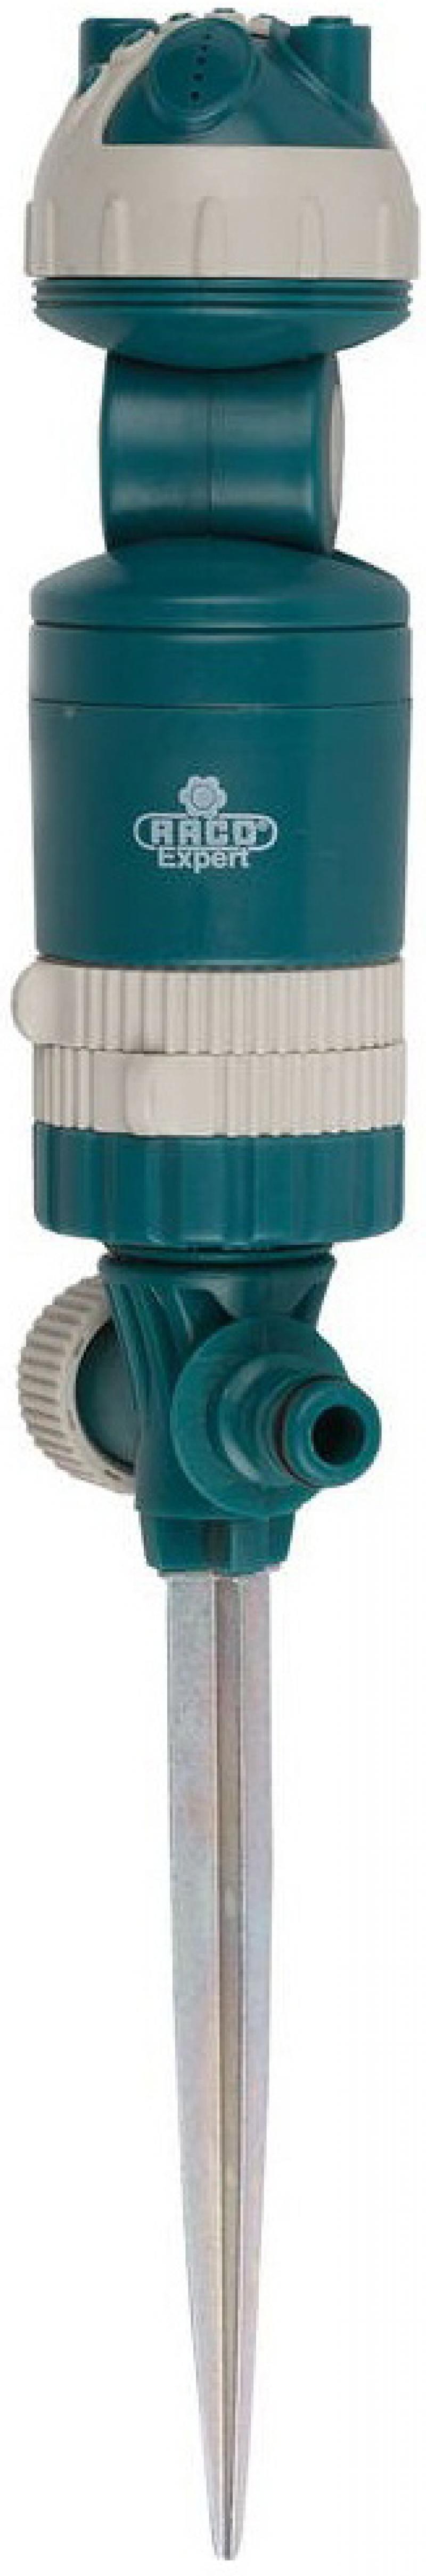 Распылитель Raco AquaTech 5-позиционный на пике 4260-55/695C от OLDI